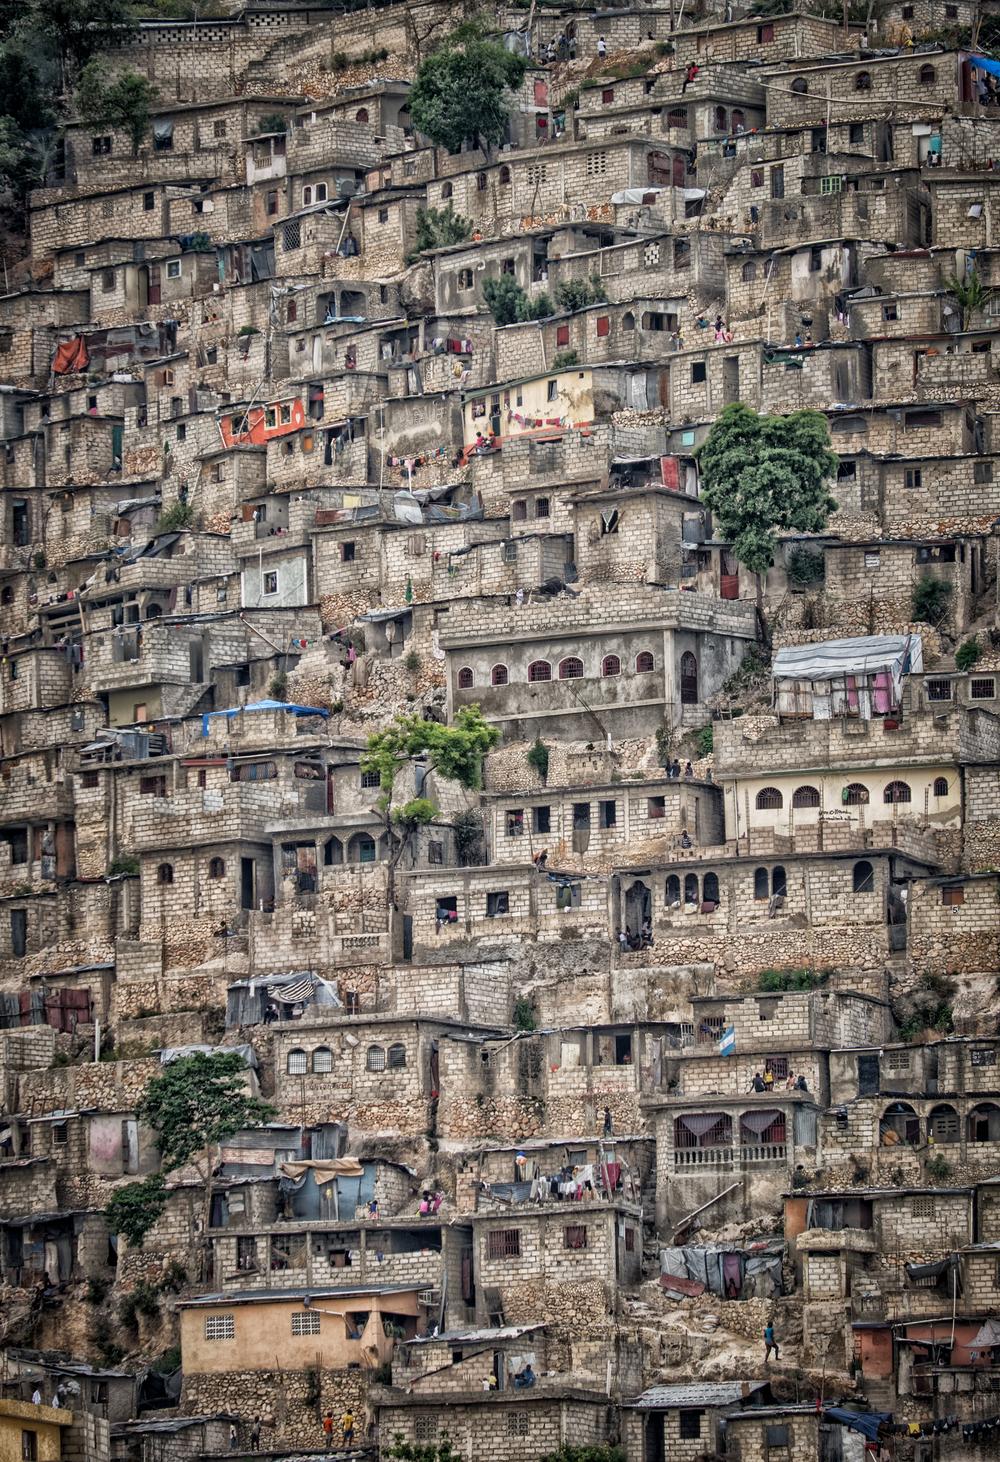 Jalousie slums, Port-Au-Prince, Haiti. 200mm at f/4.8 on the XT-1